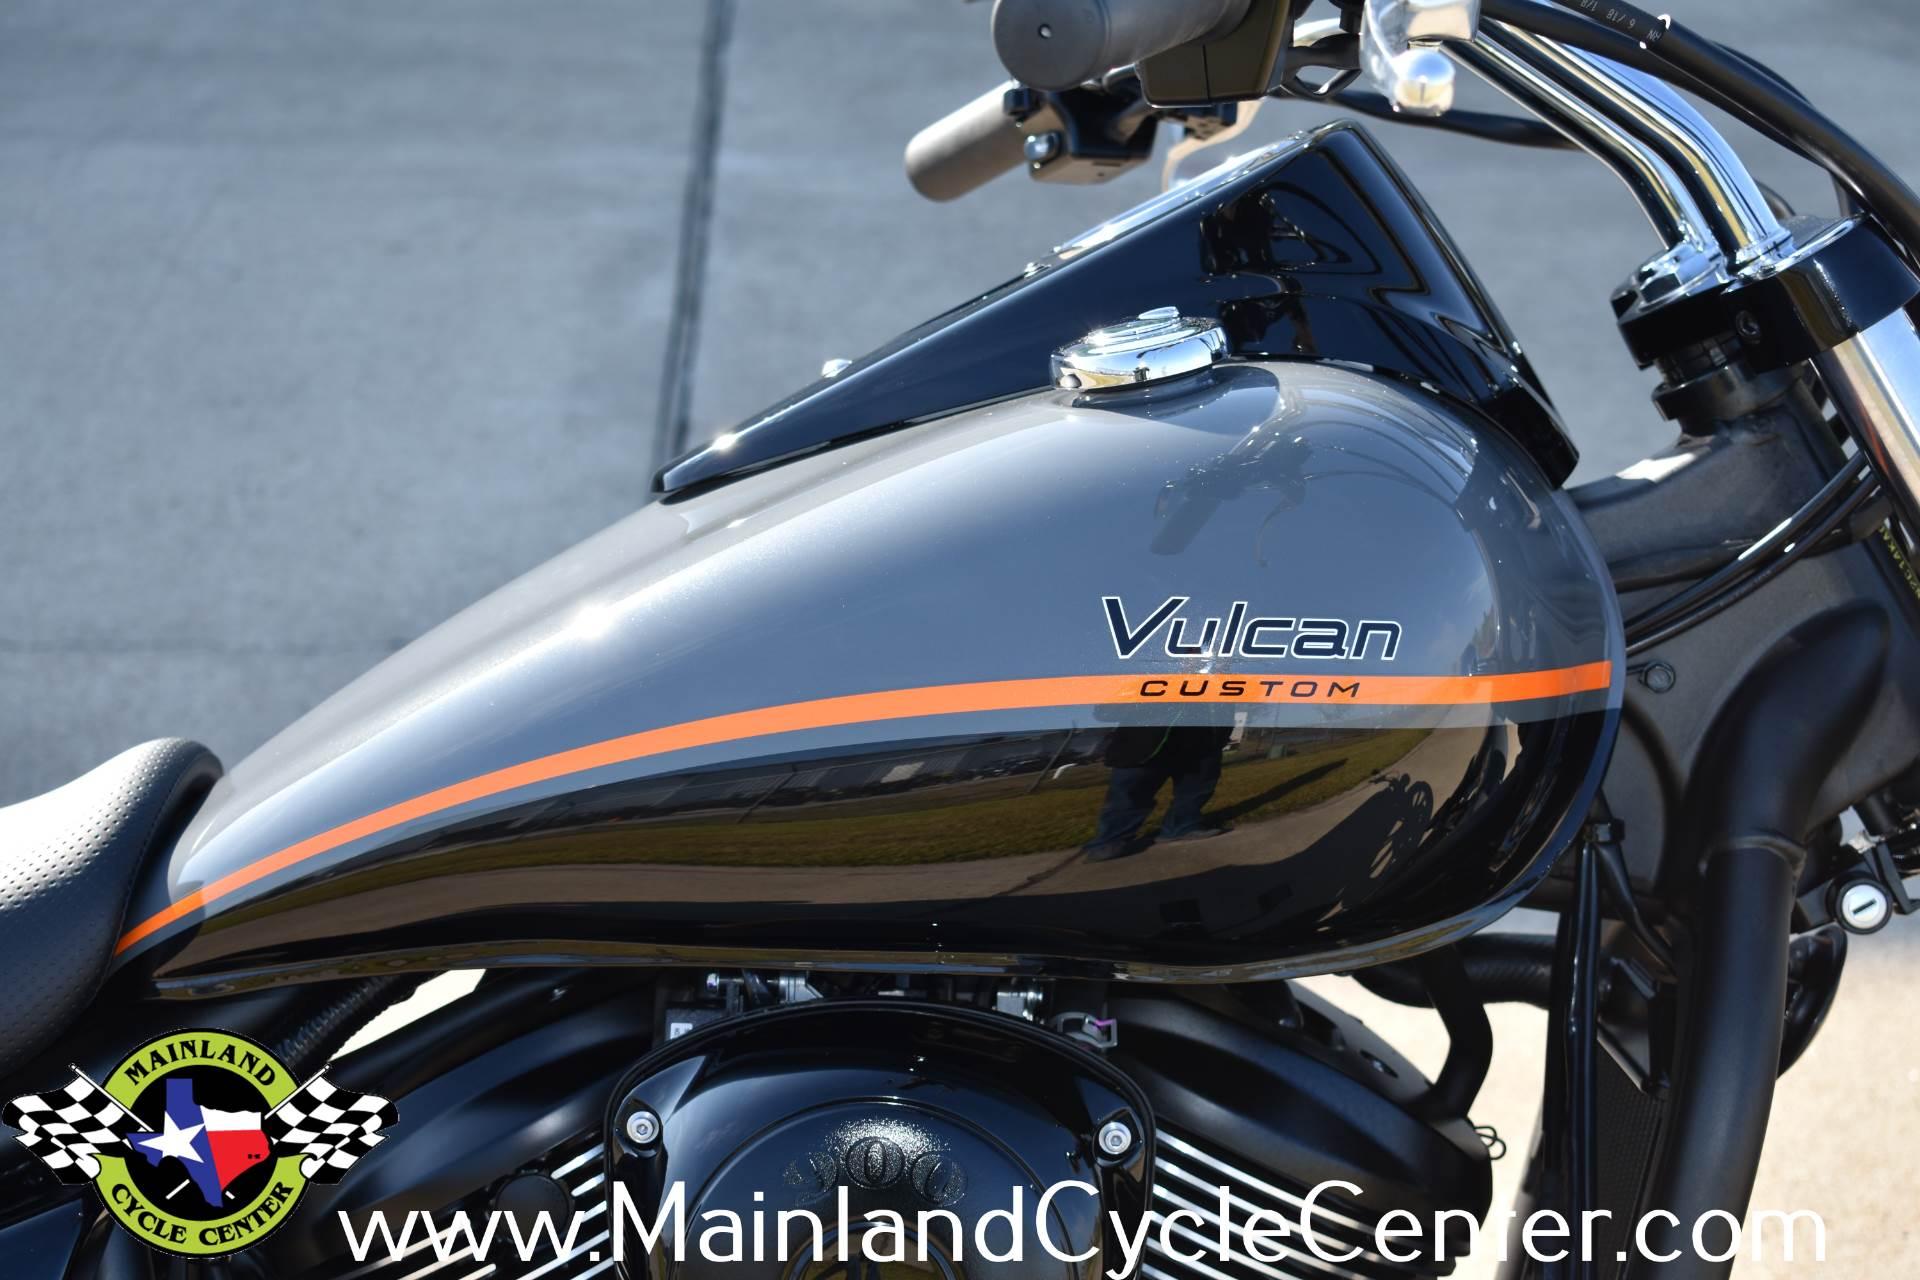 2019 Kawasaki Vulcan 900 Custom 10